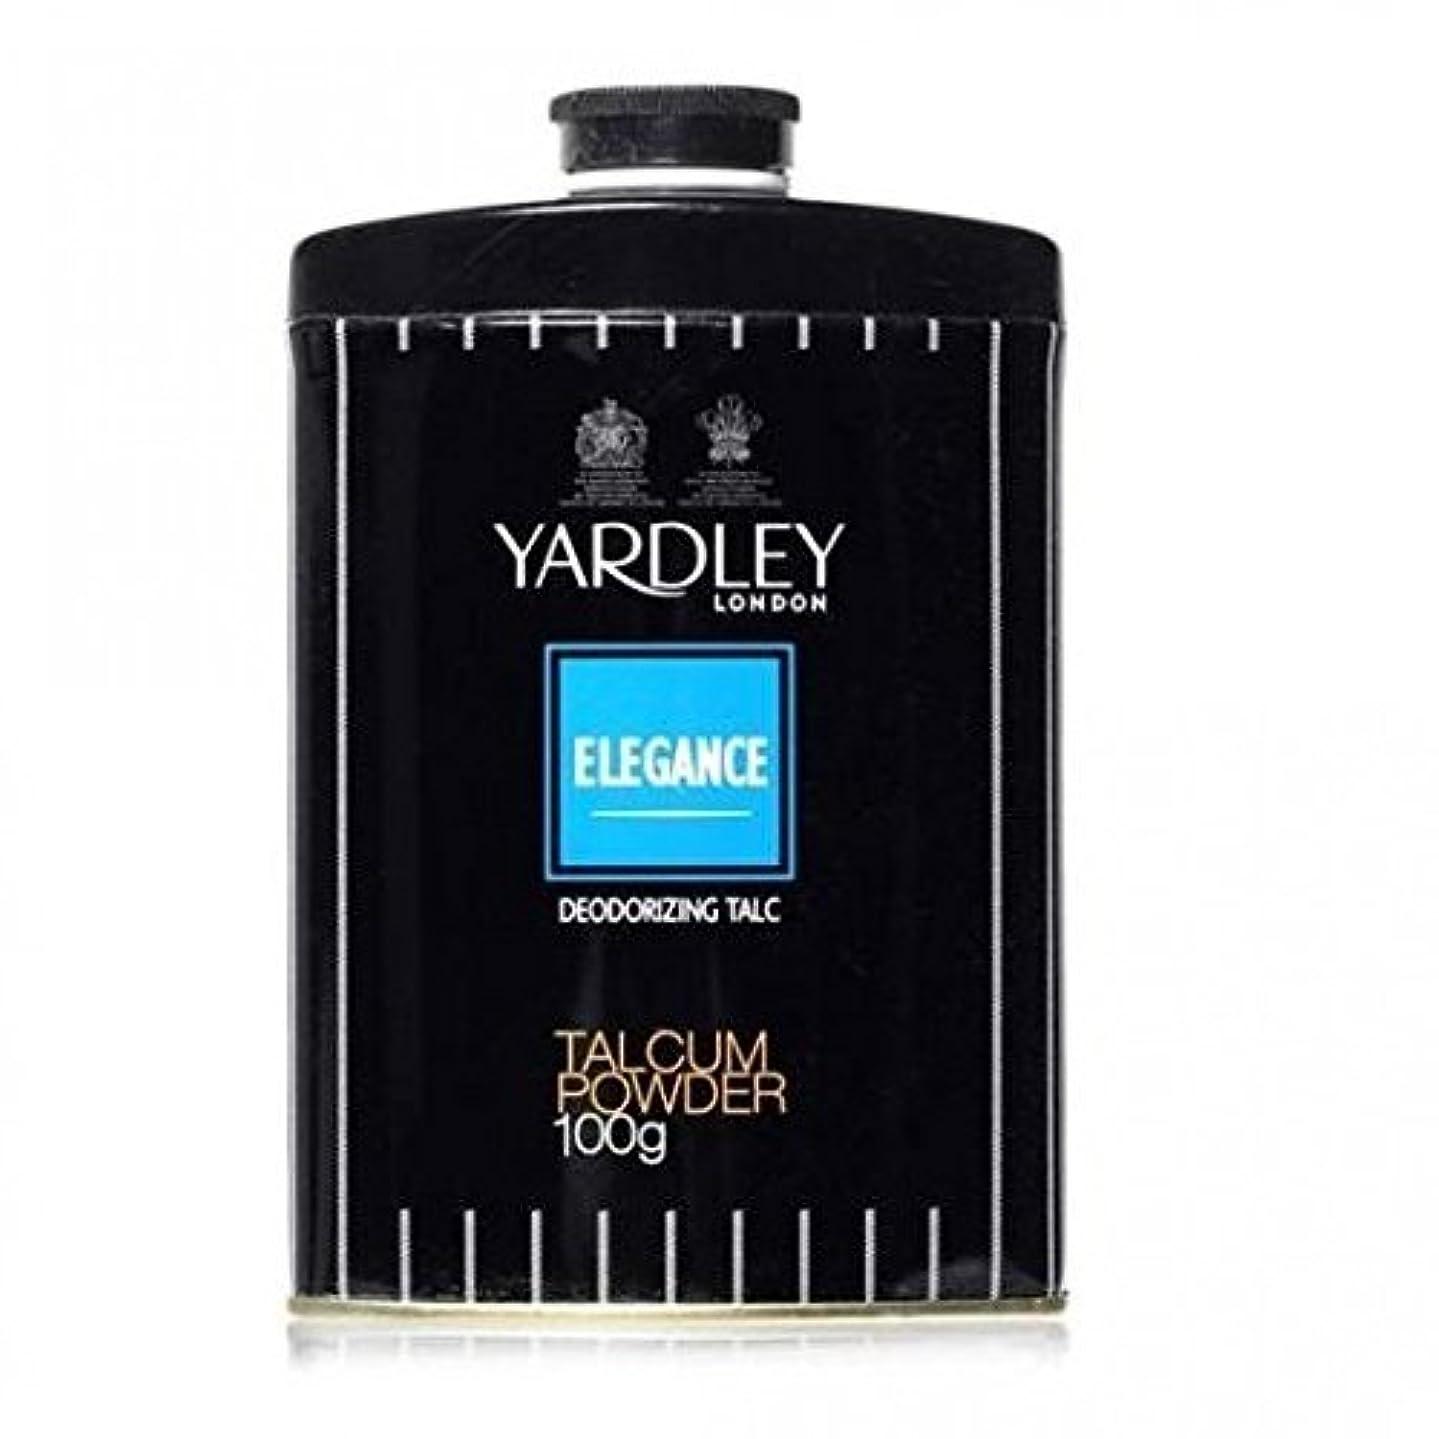 本を読む素晴らしさ土器Yardley Elegance Deodorizing Talc, 250g by Yardley [並行輸入品]